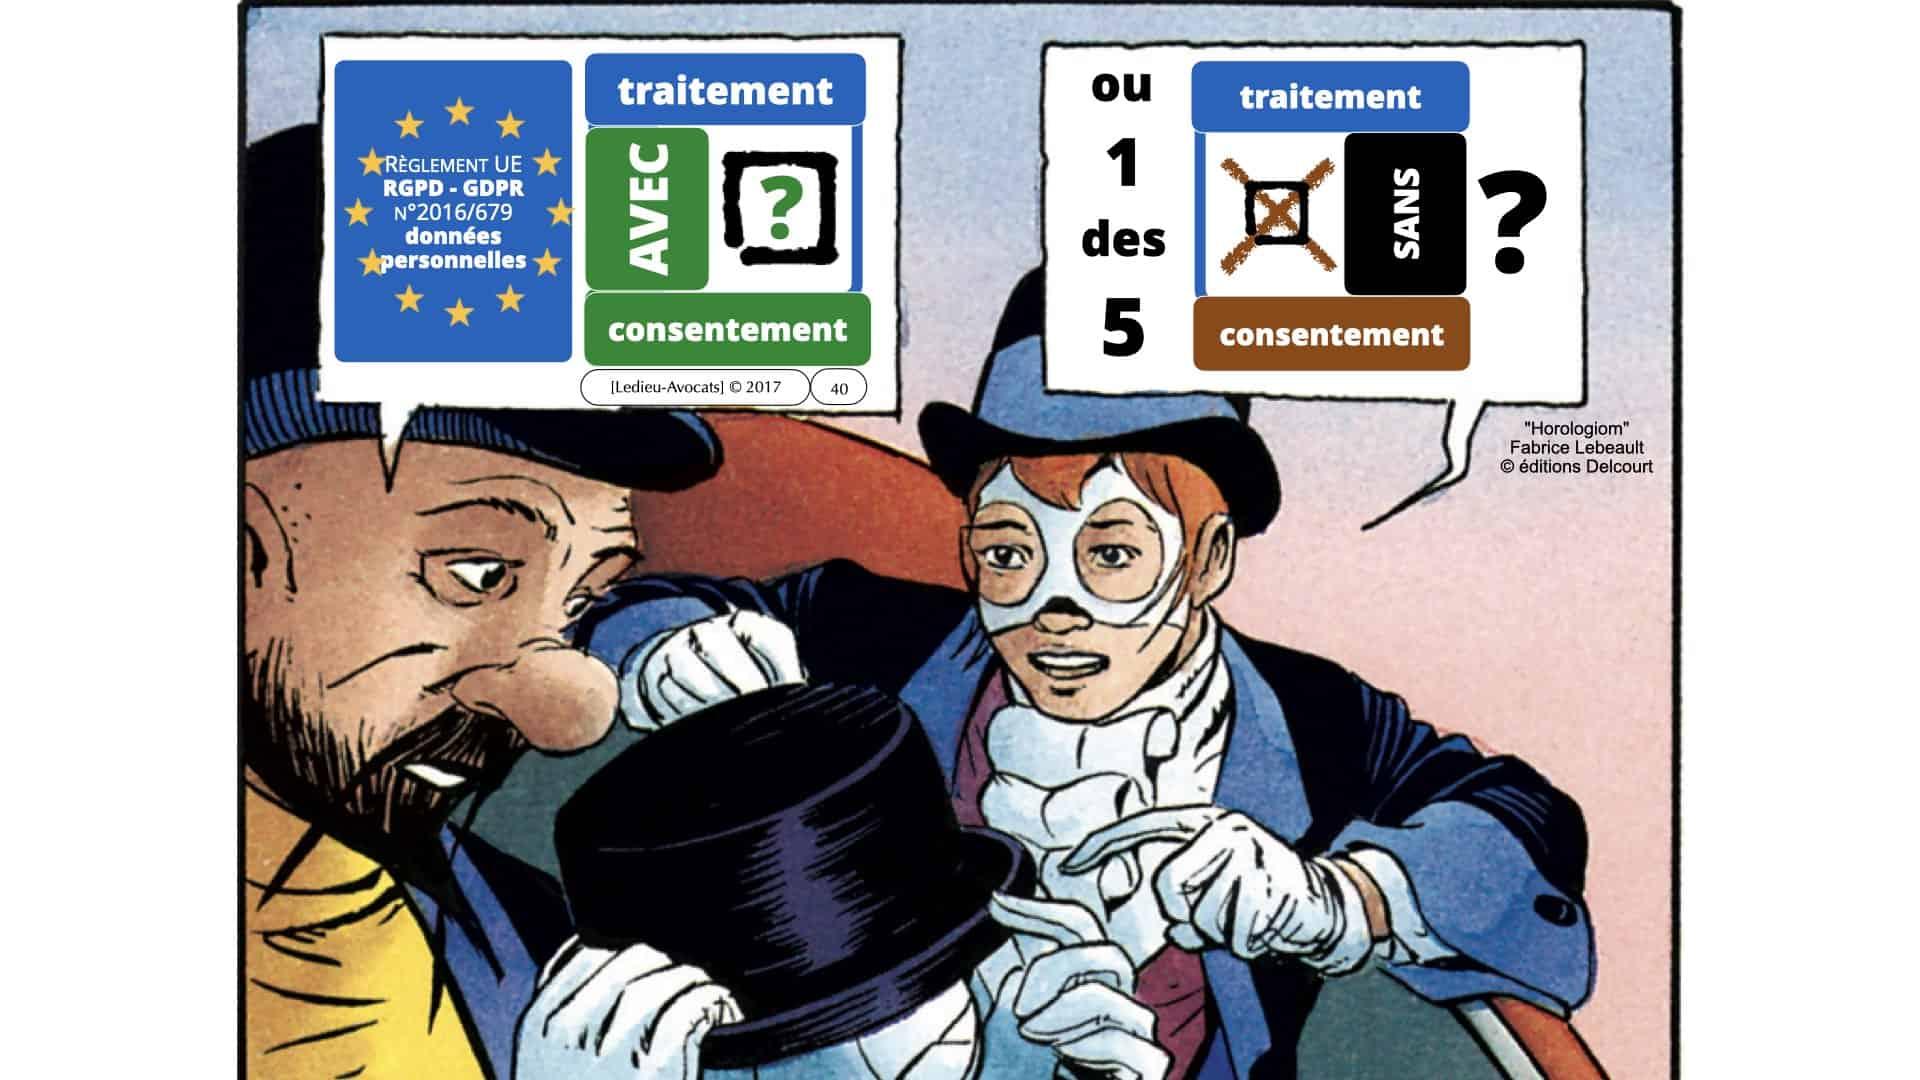 RGPD délibération CNIL Spartoo du 28 juillet 2020 n°SAN 2020-003 *16:9* ©Ledieu-Avocats 19-09-2020.040